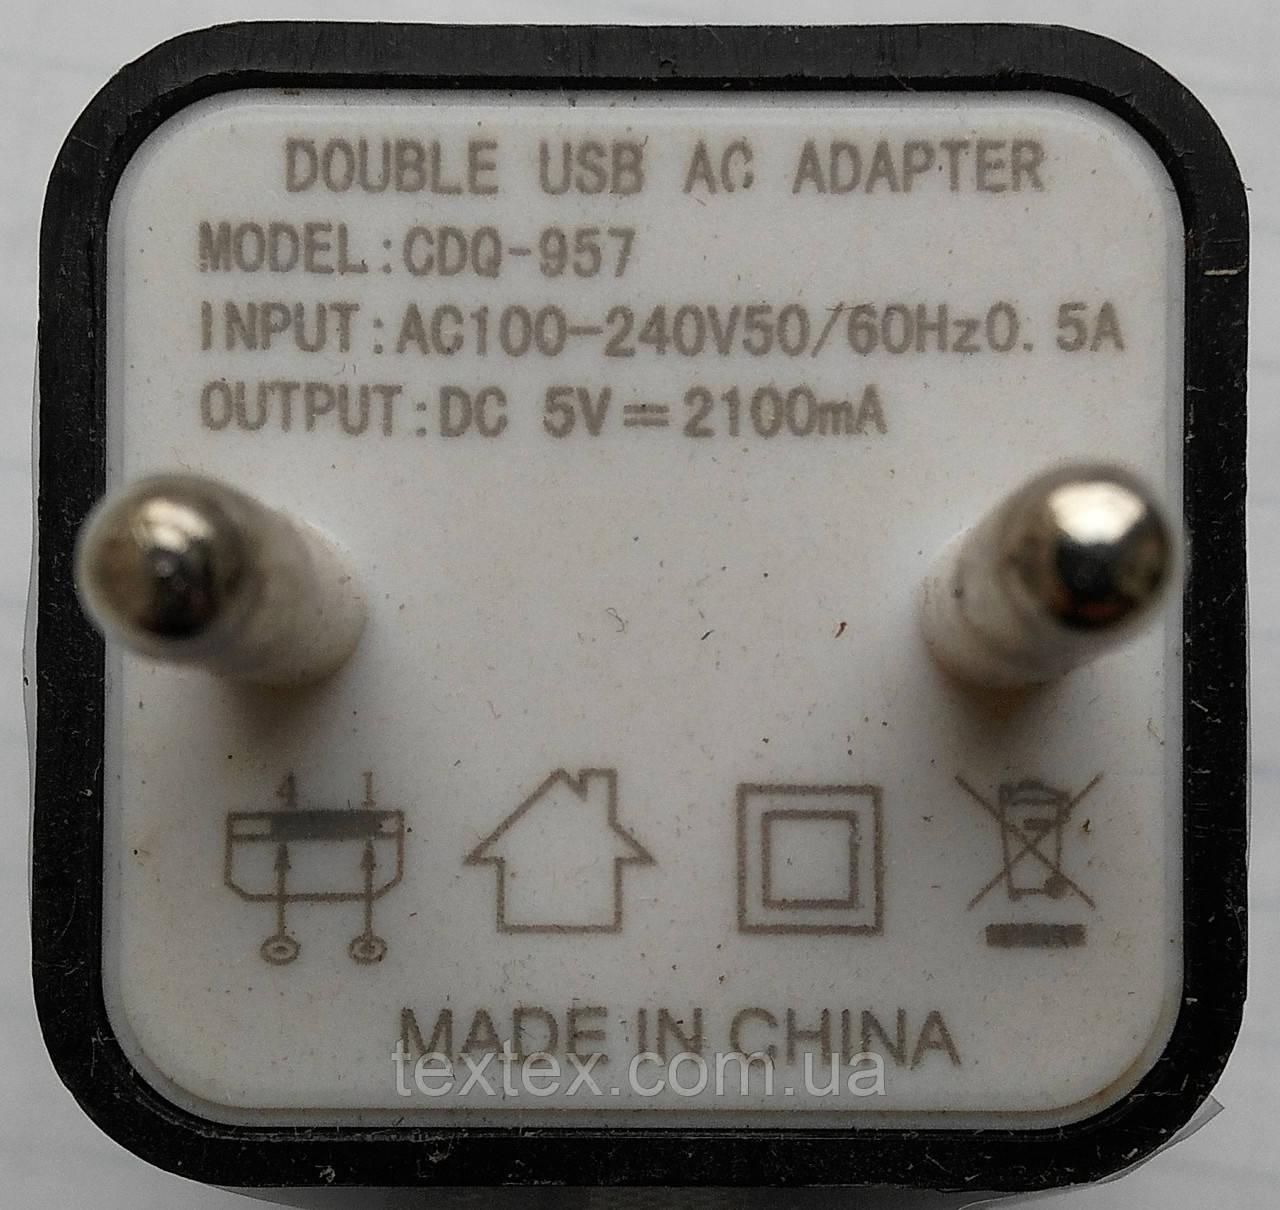 Сетевой адаптер с двумя USB портами для зарядки